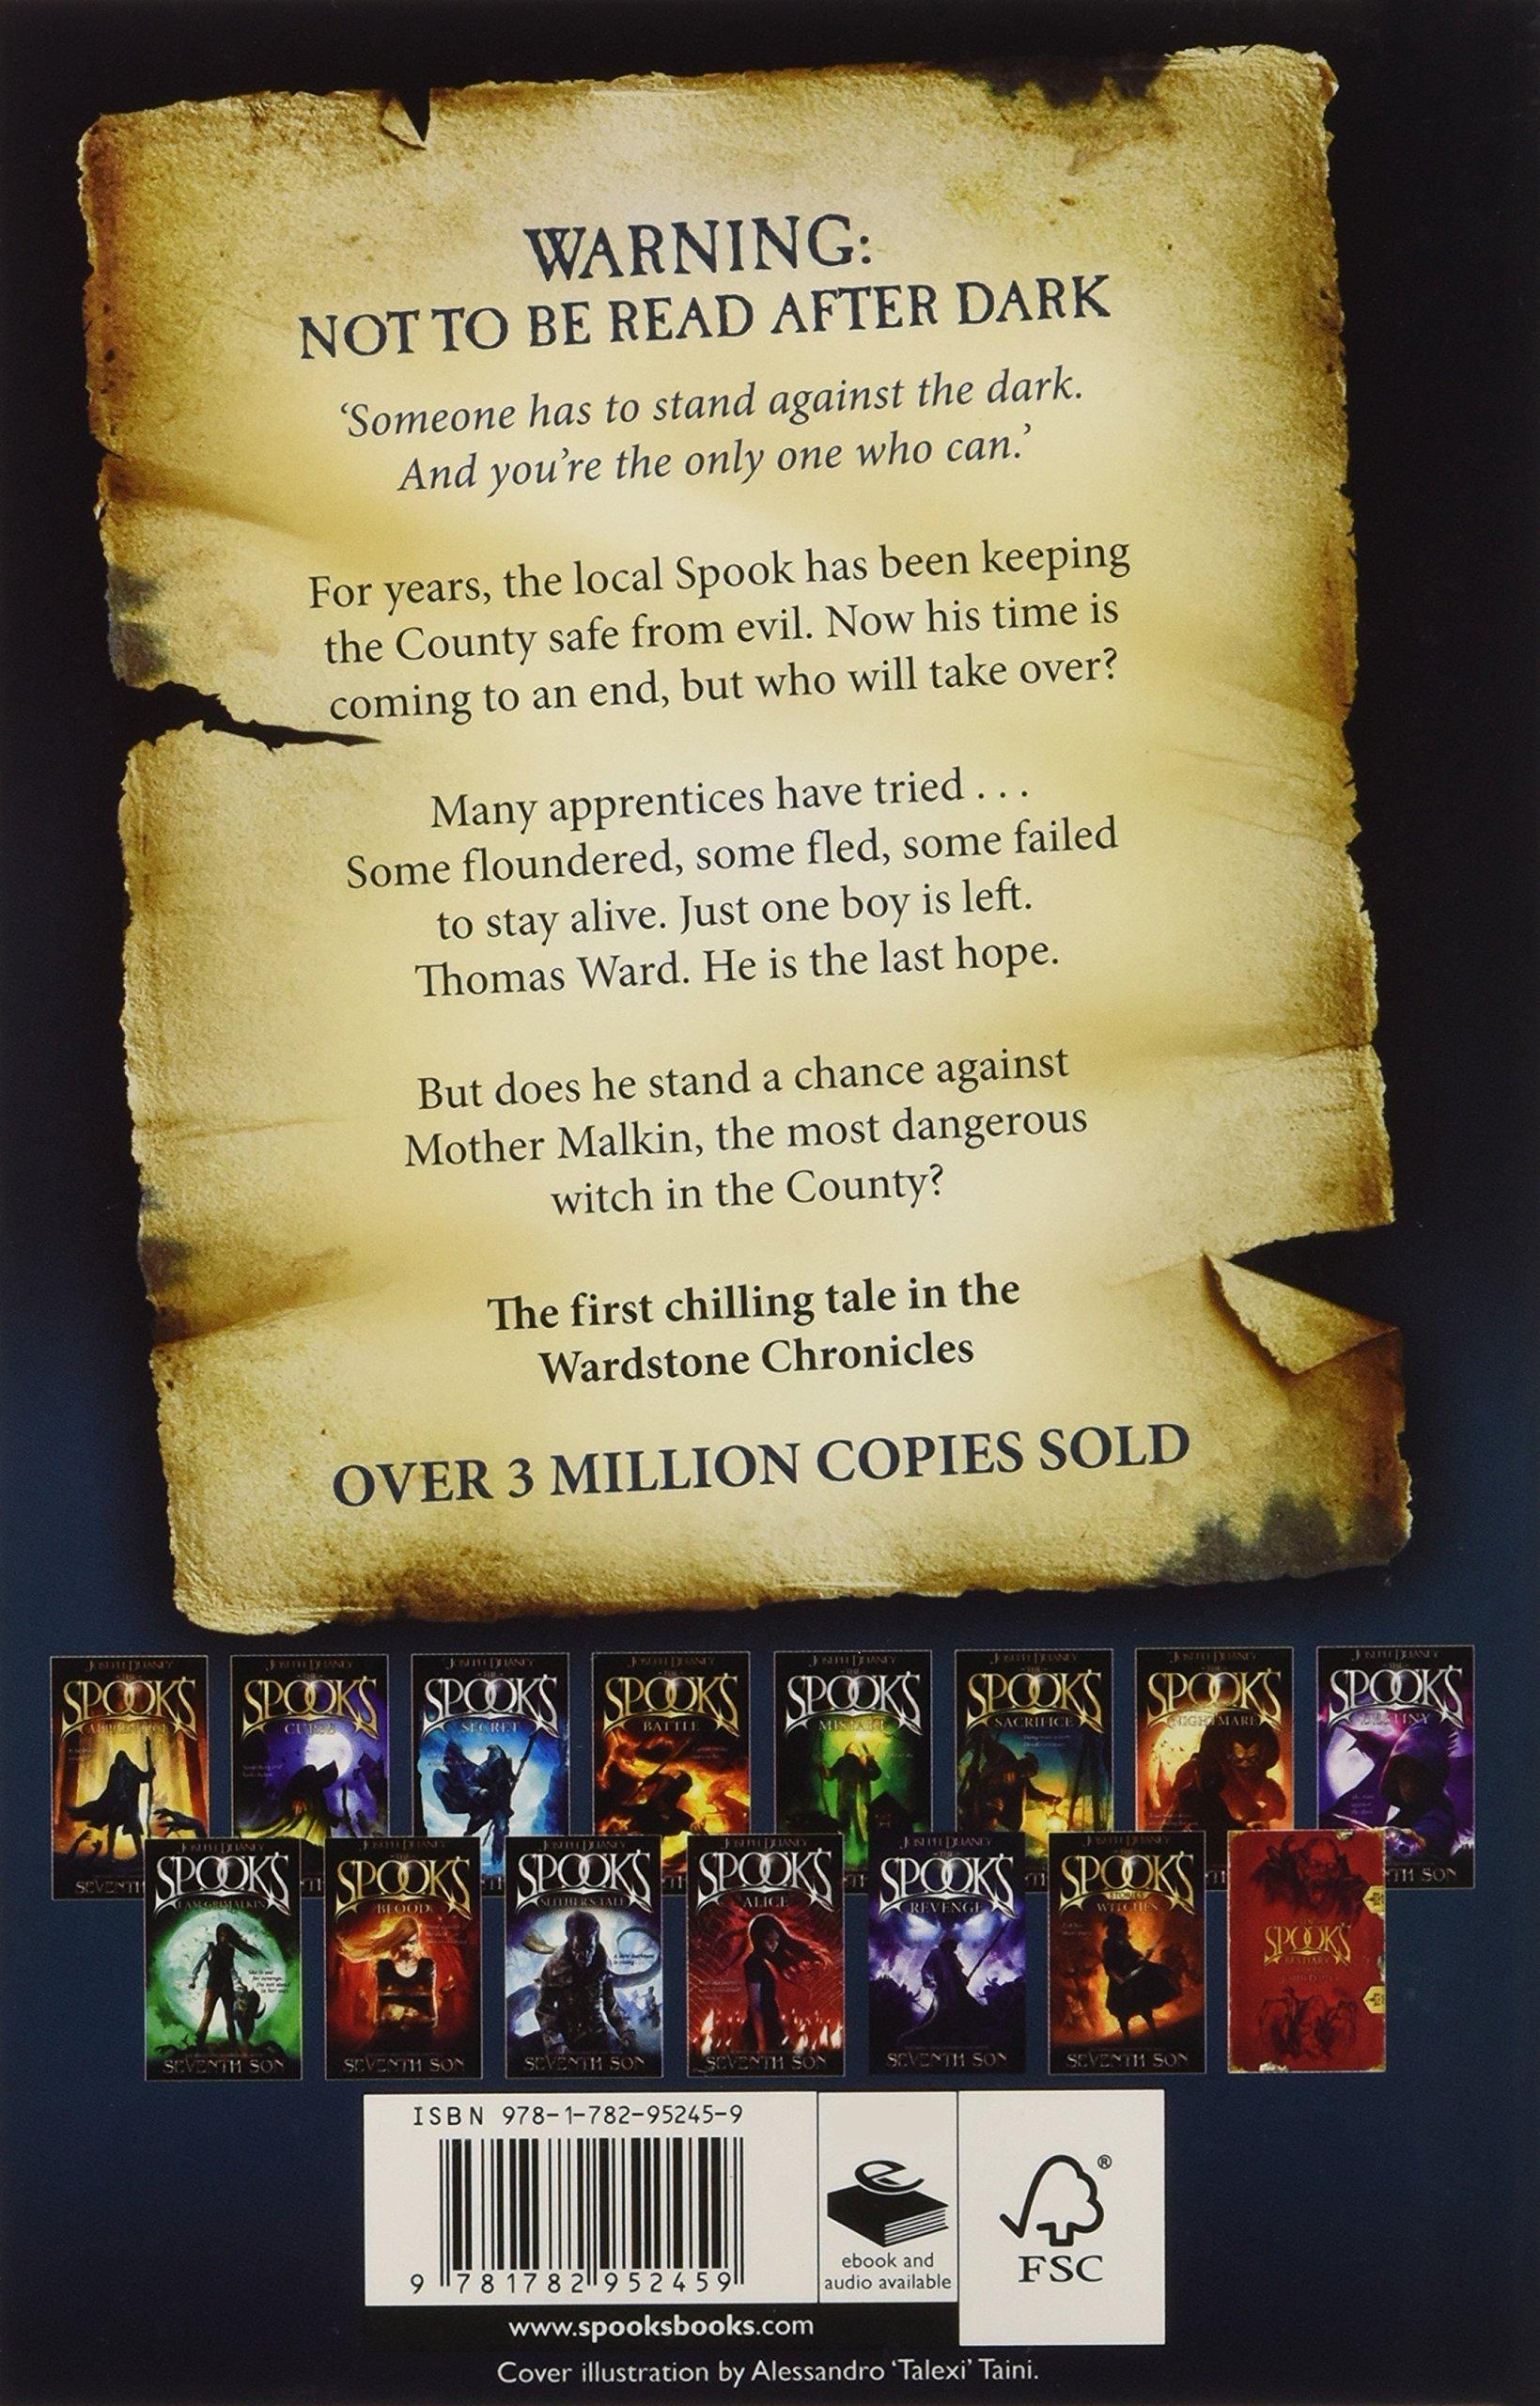 The Spook's Apprentice: Joseph Delaney: 9781782952459: Amazon: Books